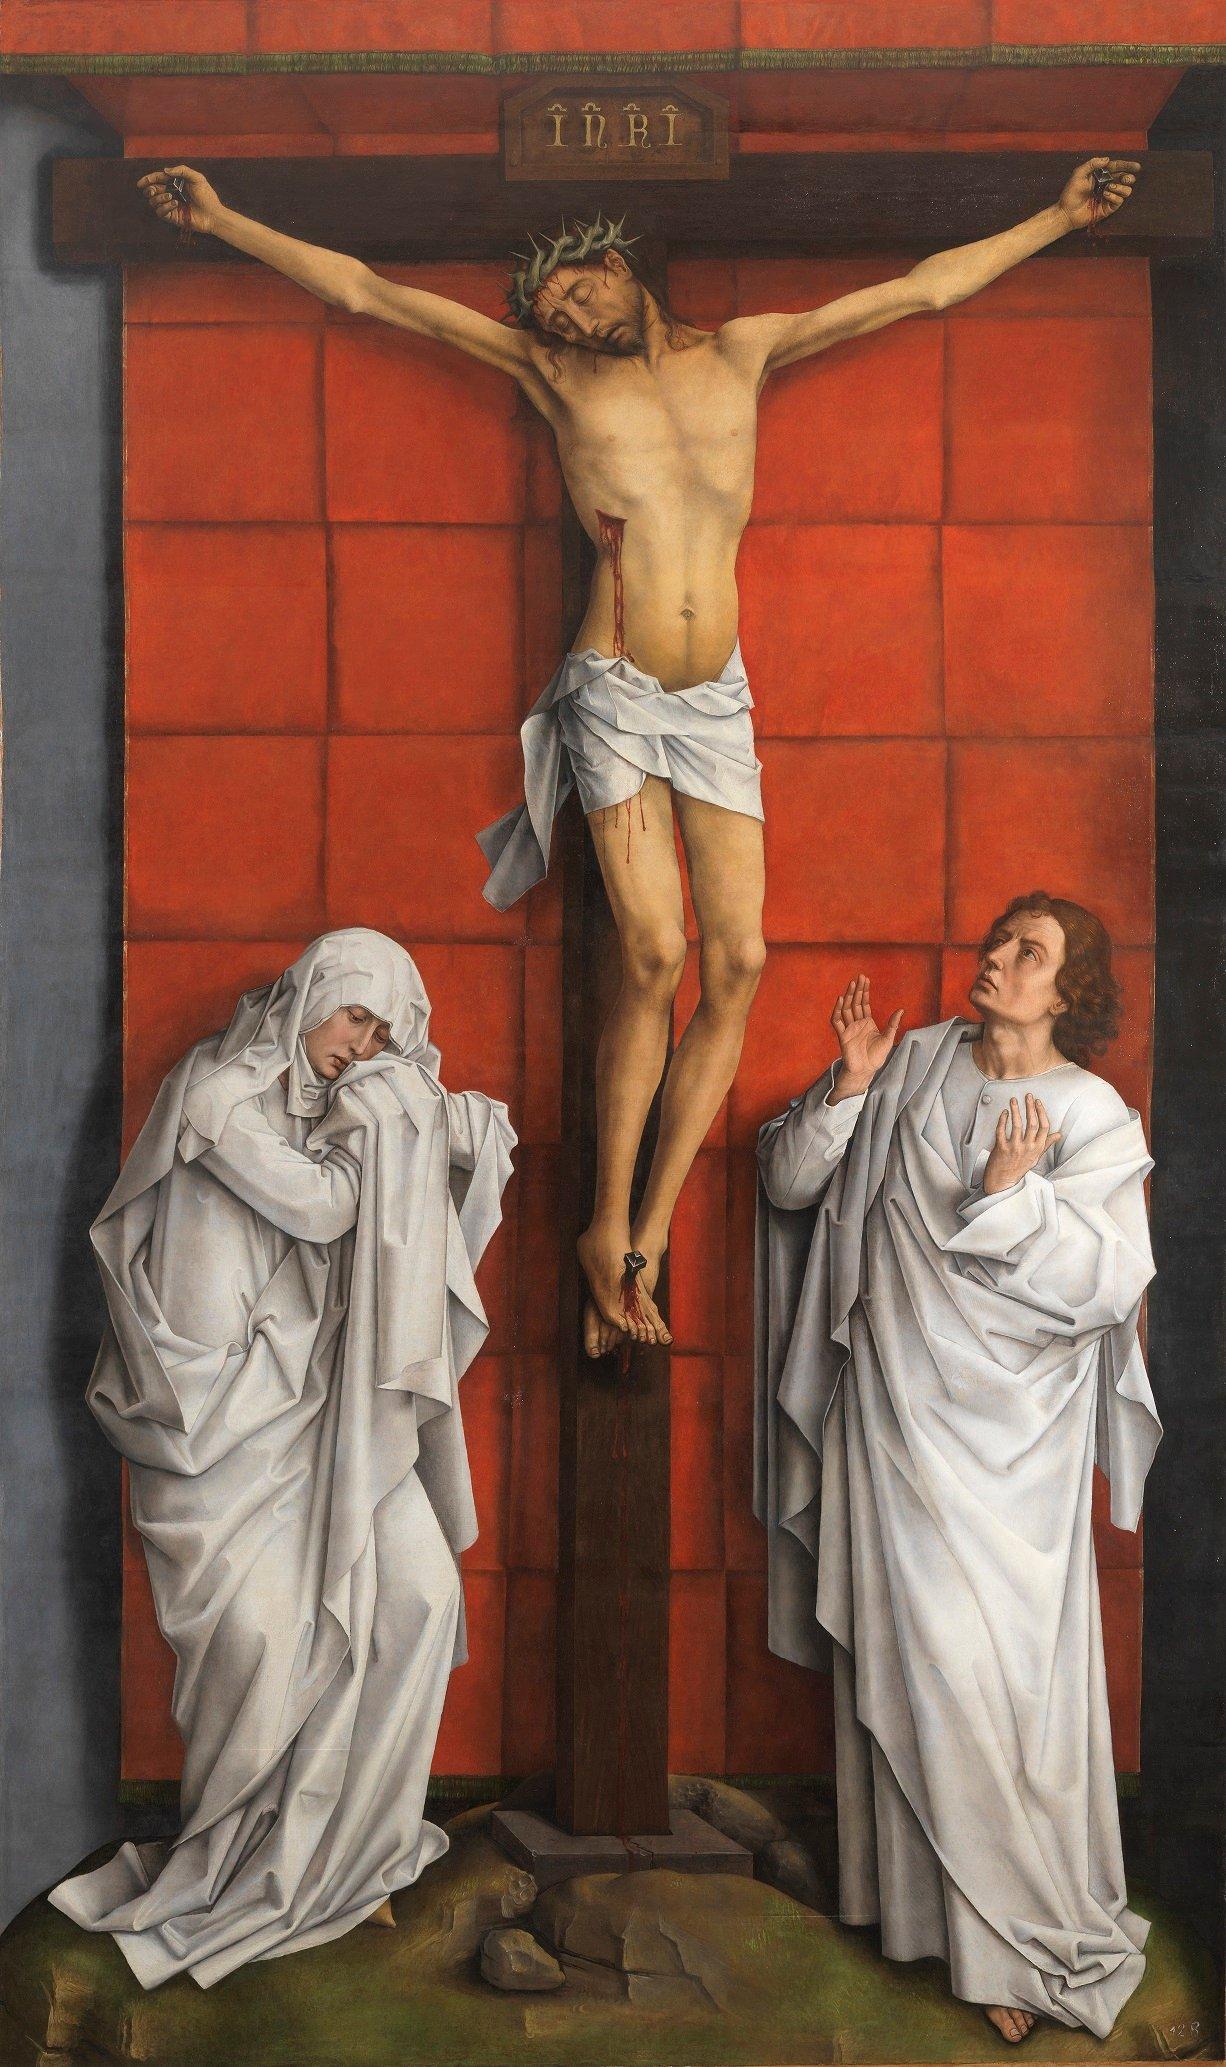 Celebrando a Van der Weyden en torno a su Calvario